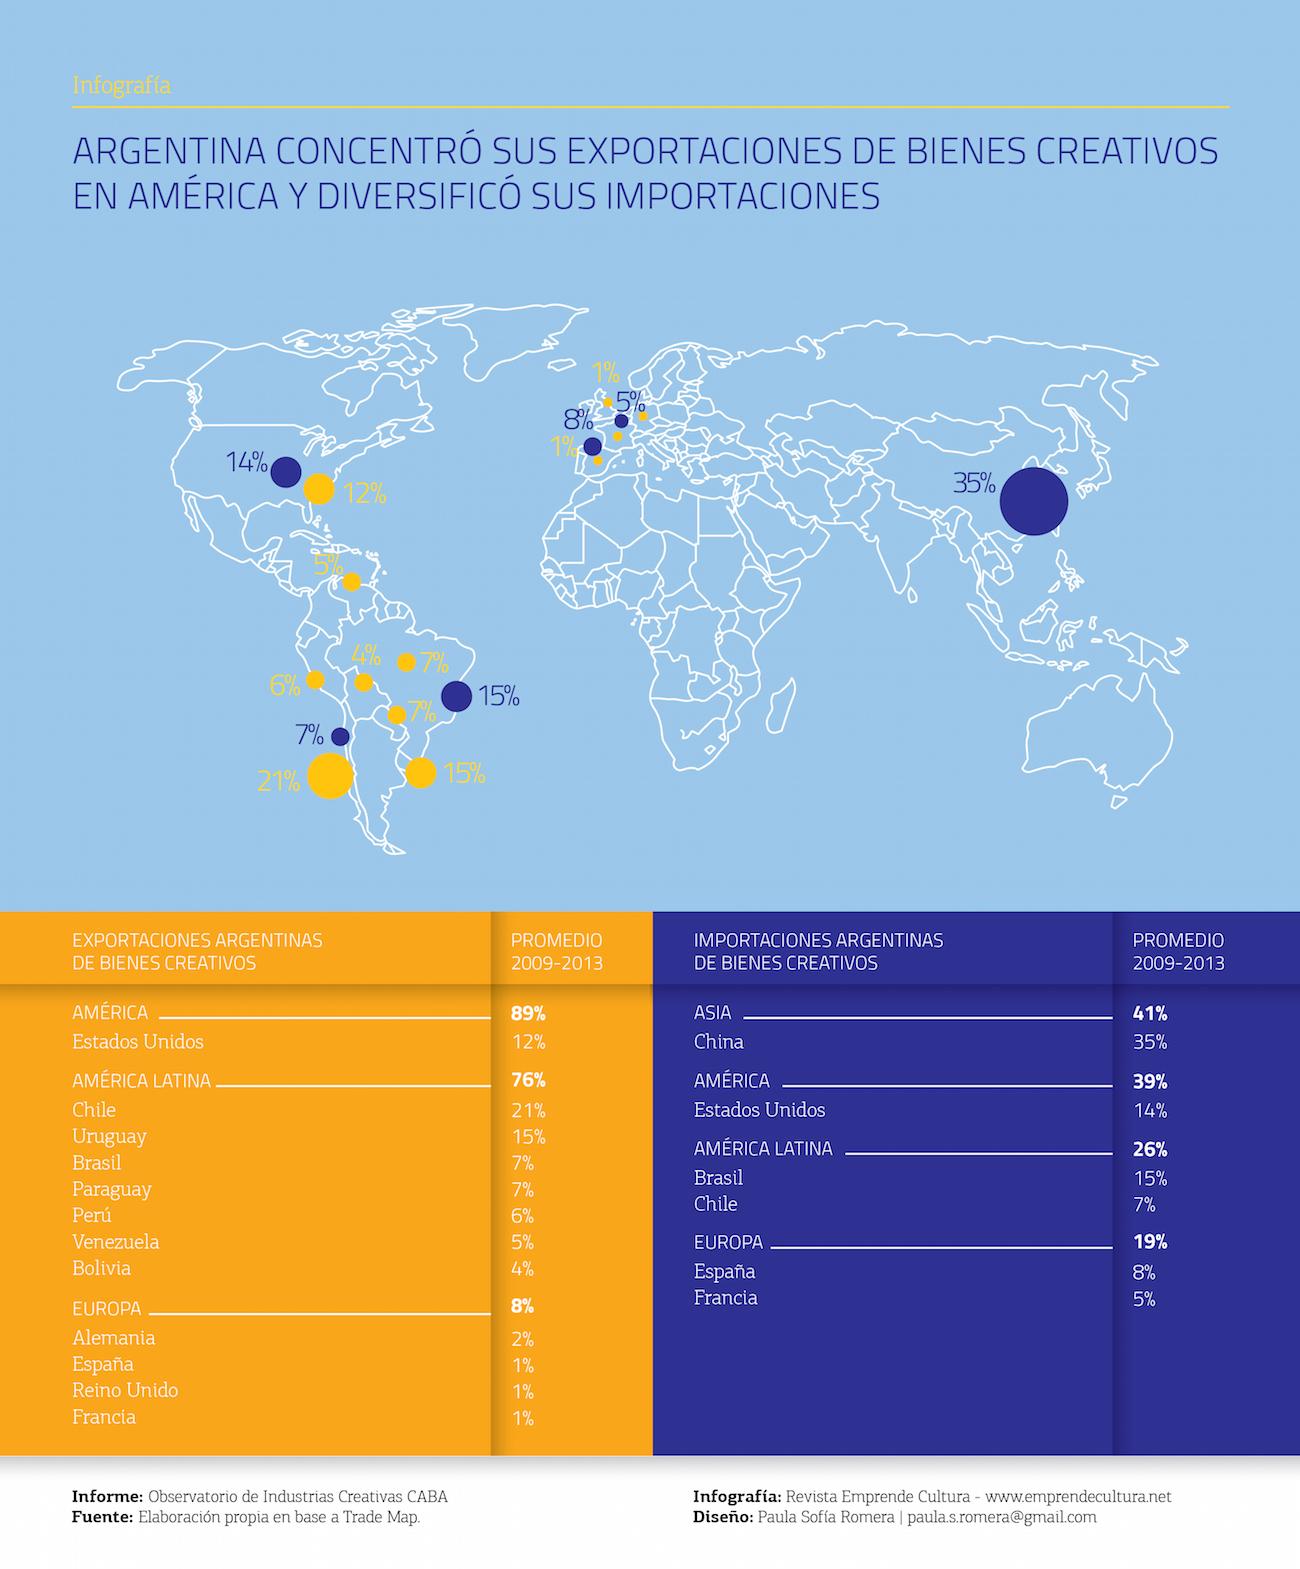 Argentina concentró sus exportaciones de bienes creativos en América y diversificó sus importaciones